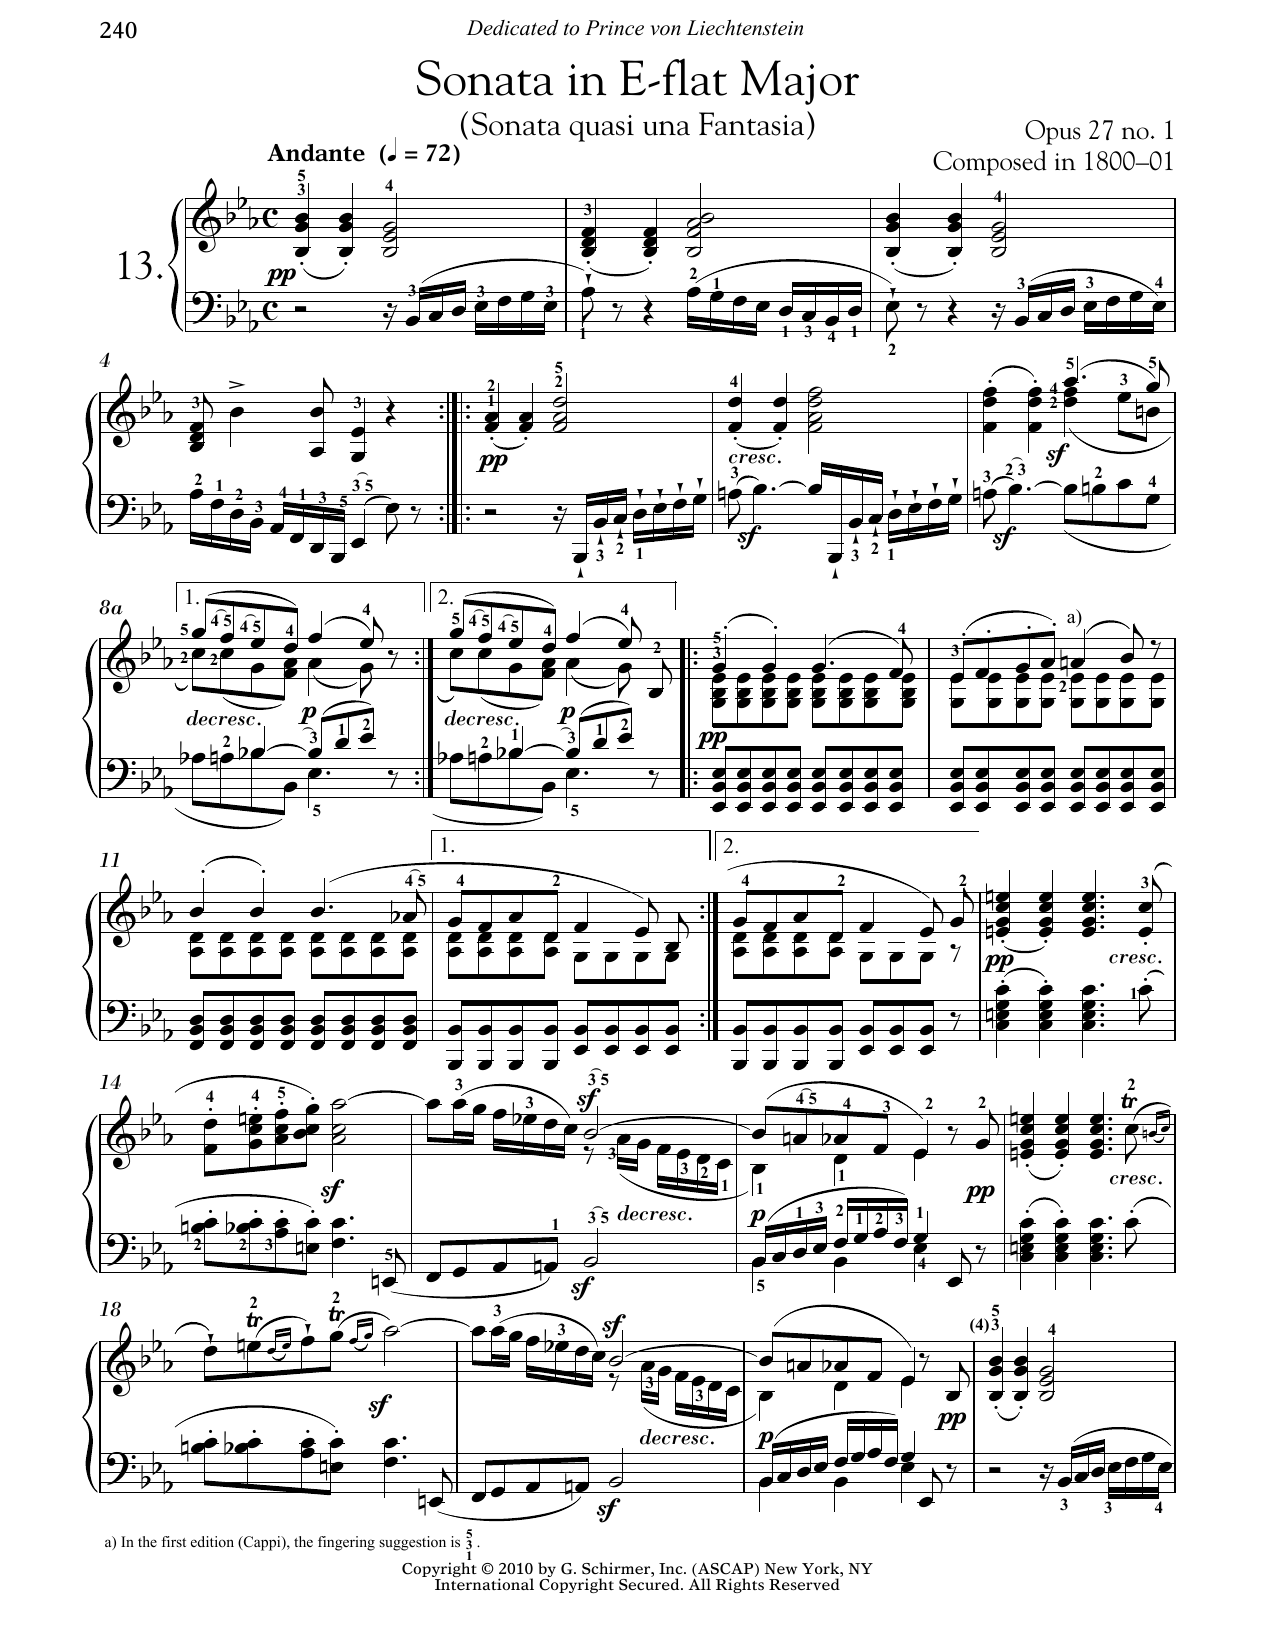 Ludwig van Beethoven Piano Sonata No. 13 In E-flat Major, Op. 27, No. 1 sheet music notes and chords. Download Printable PDF.